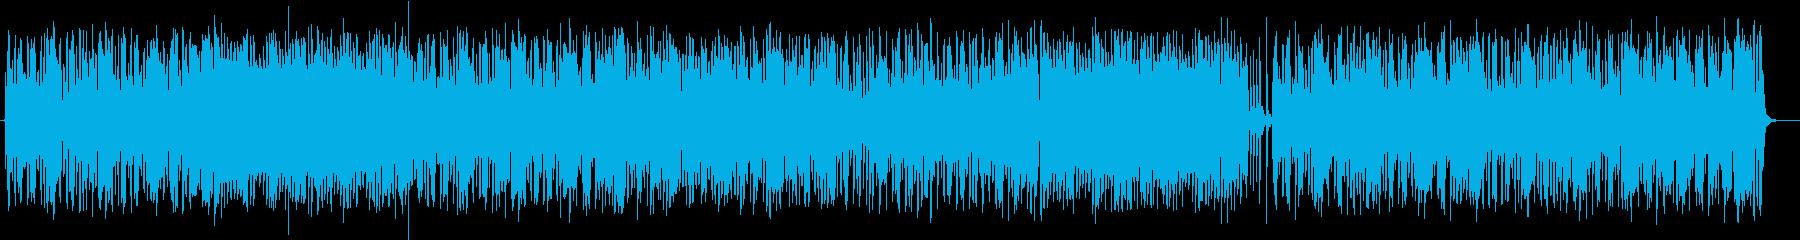 Pop and nimble violin classic's reproduced waveform